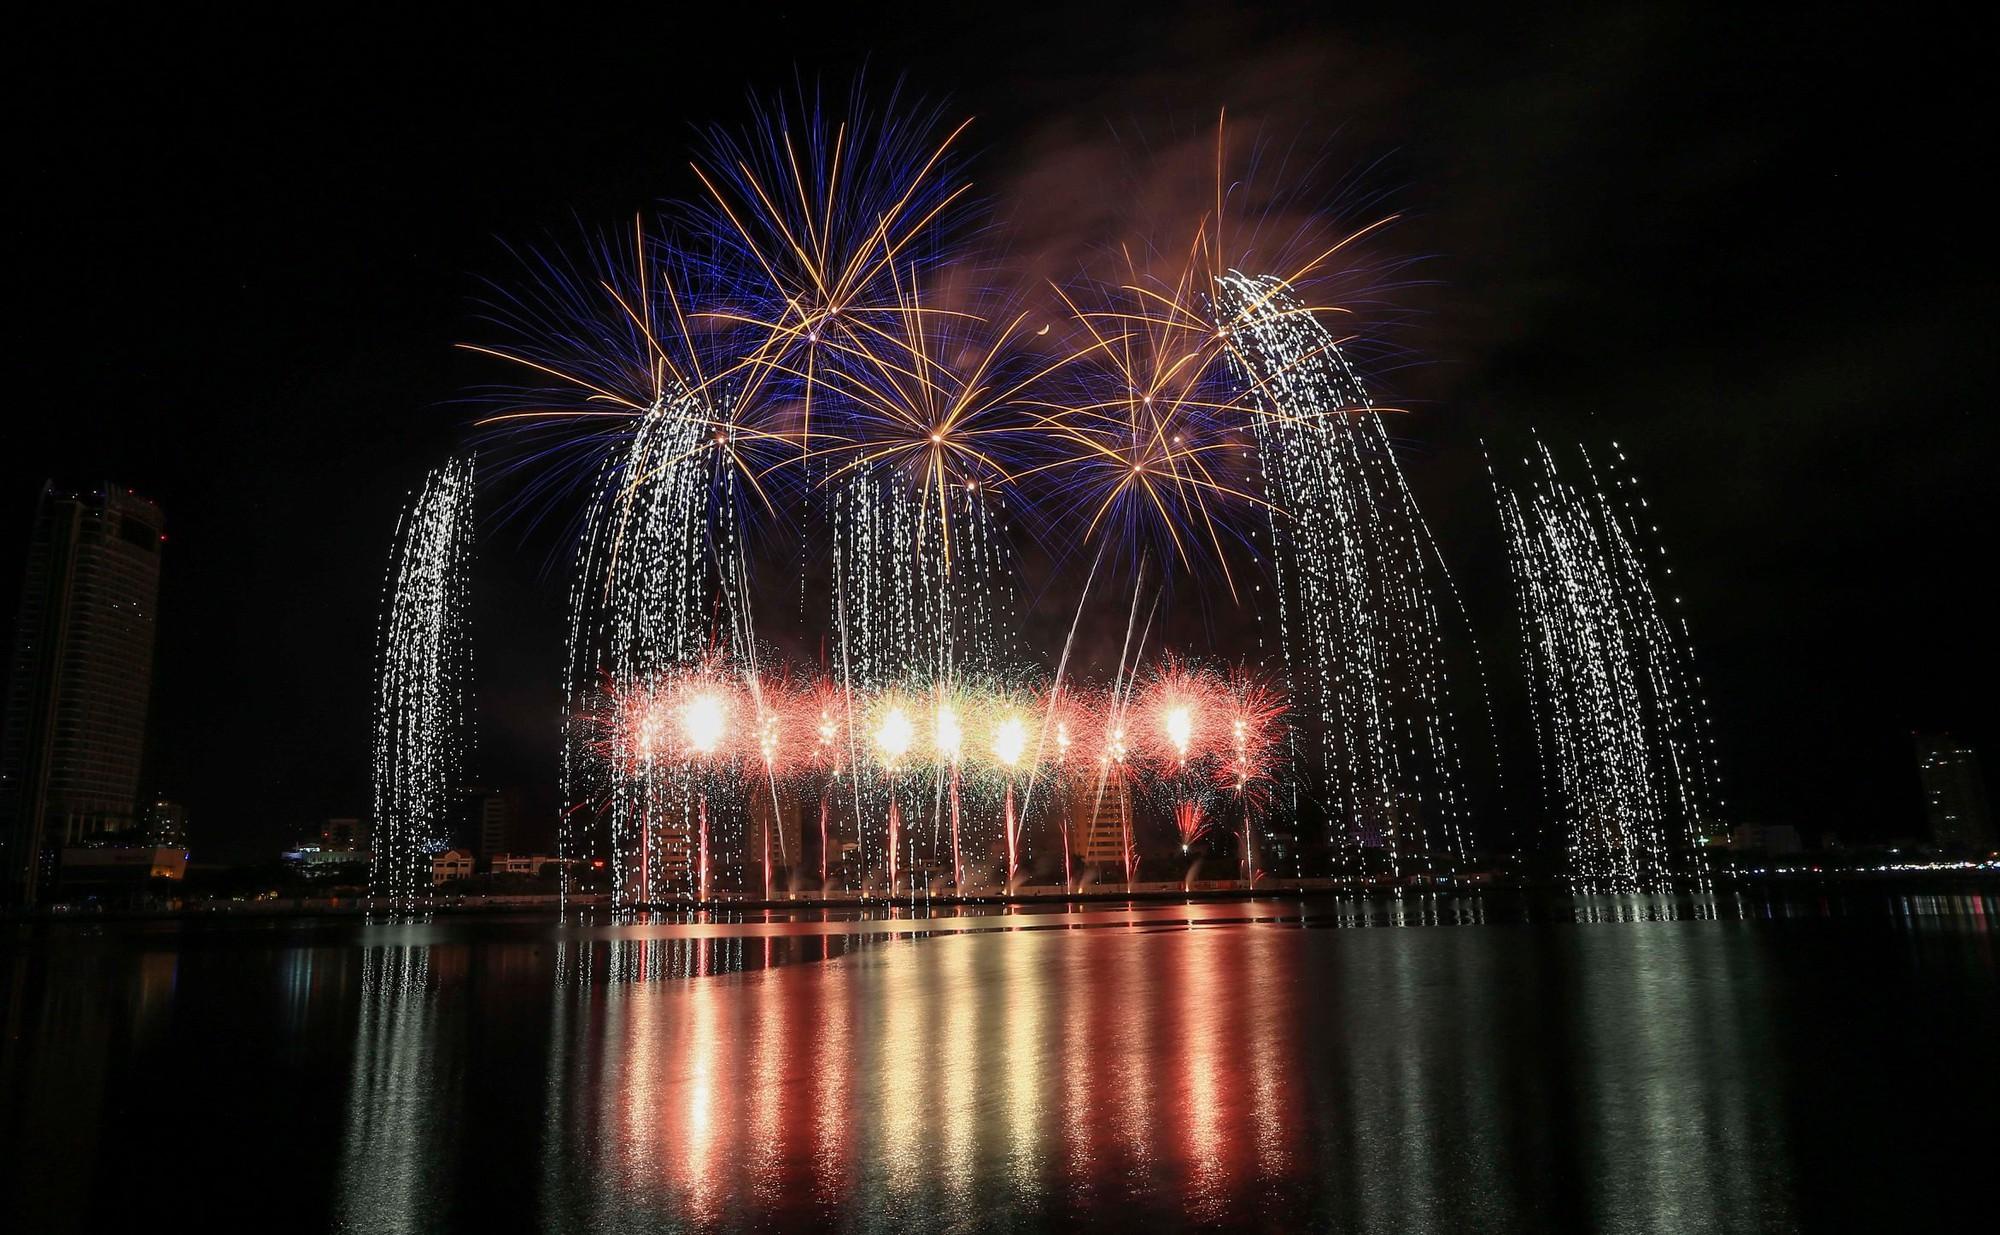 Brasil và Bỉ gửi thông điệp tình yêu bằng ánh sáng pháo hoa trên sông Hàn - Ảnh 13.